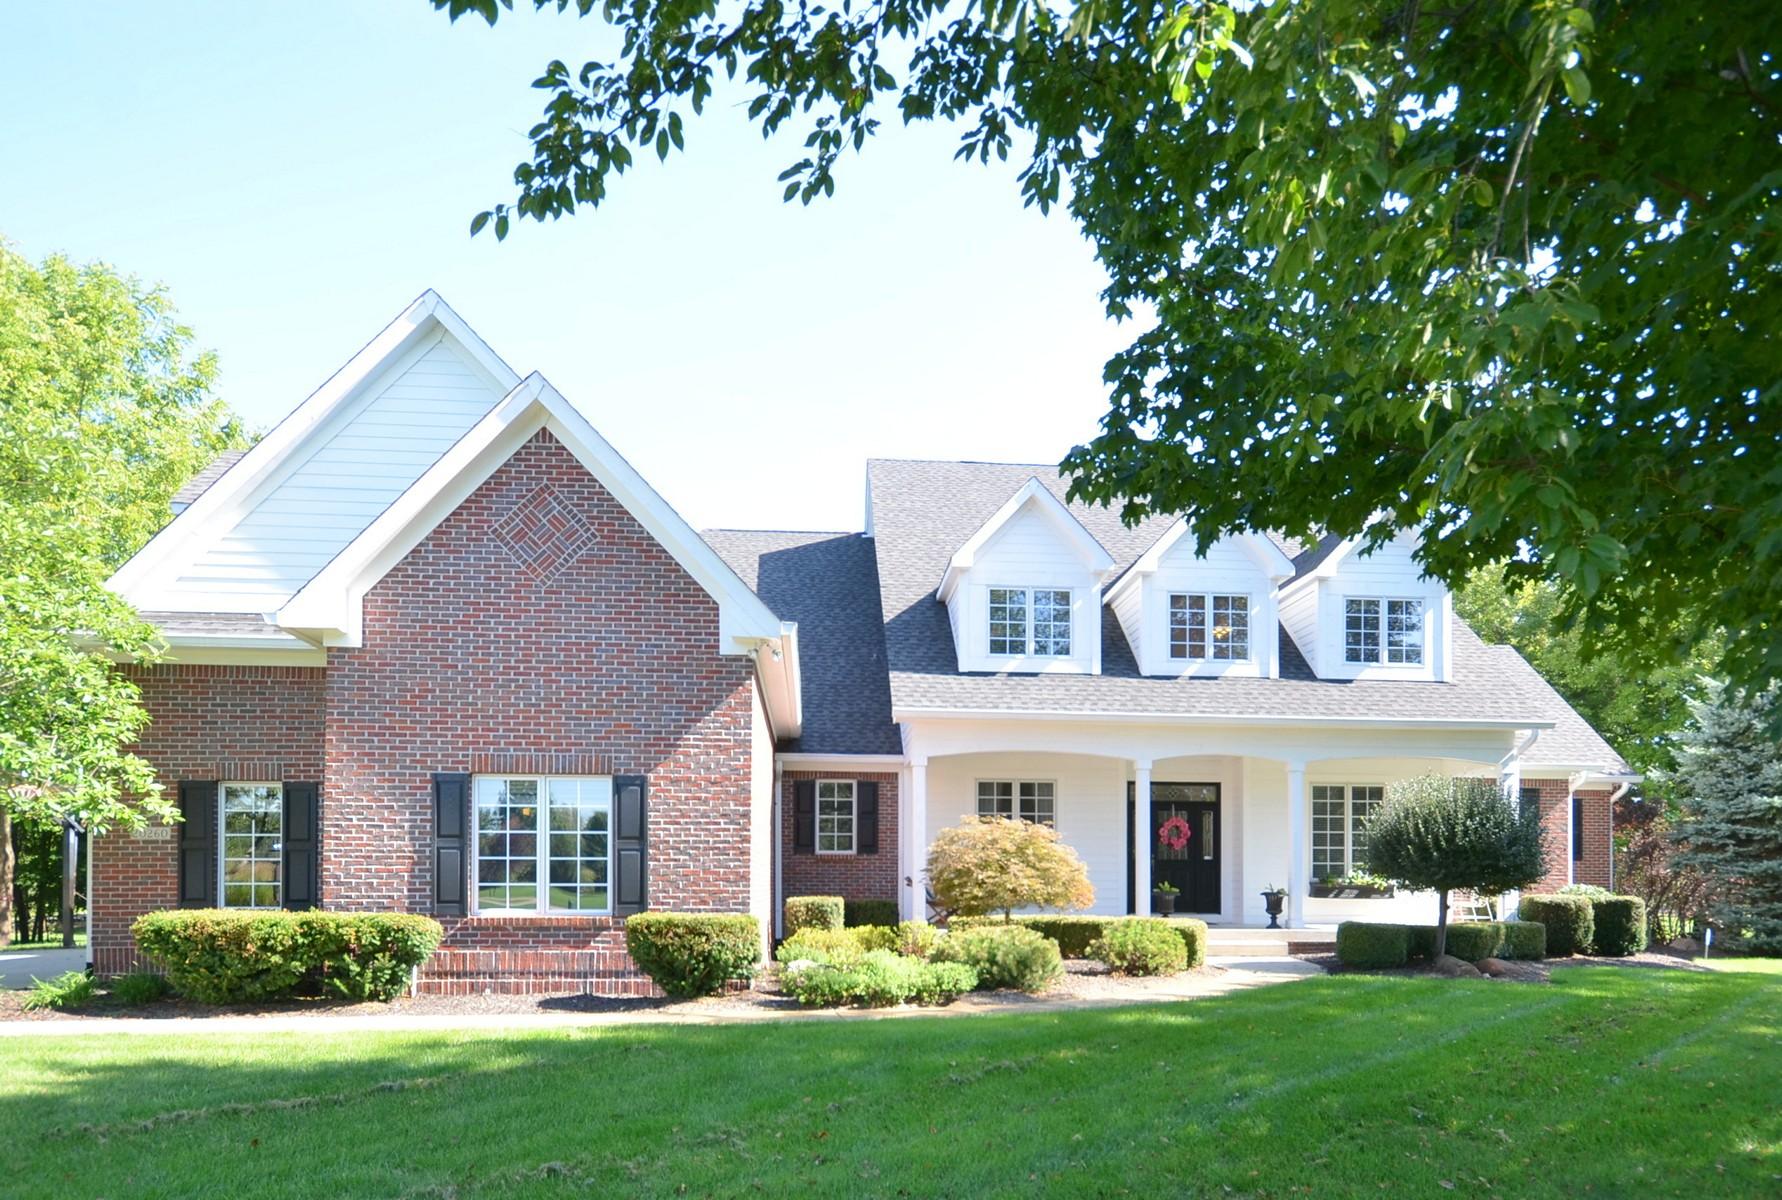 Maison unifamiliale pour l Vente à Expansive Home on 2 Acres 20260 Dayspring Court Noblesville, Indiana, 46062 États-Unis